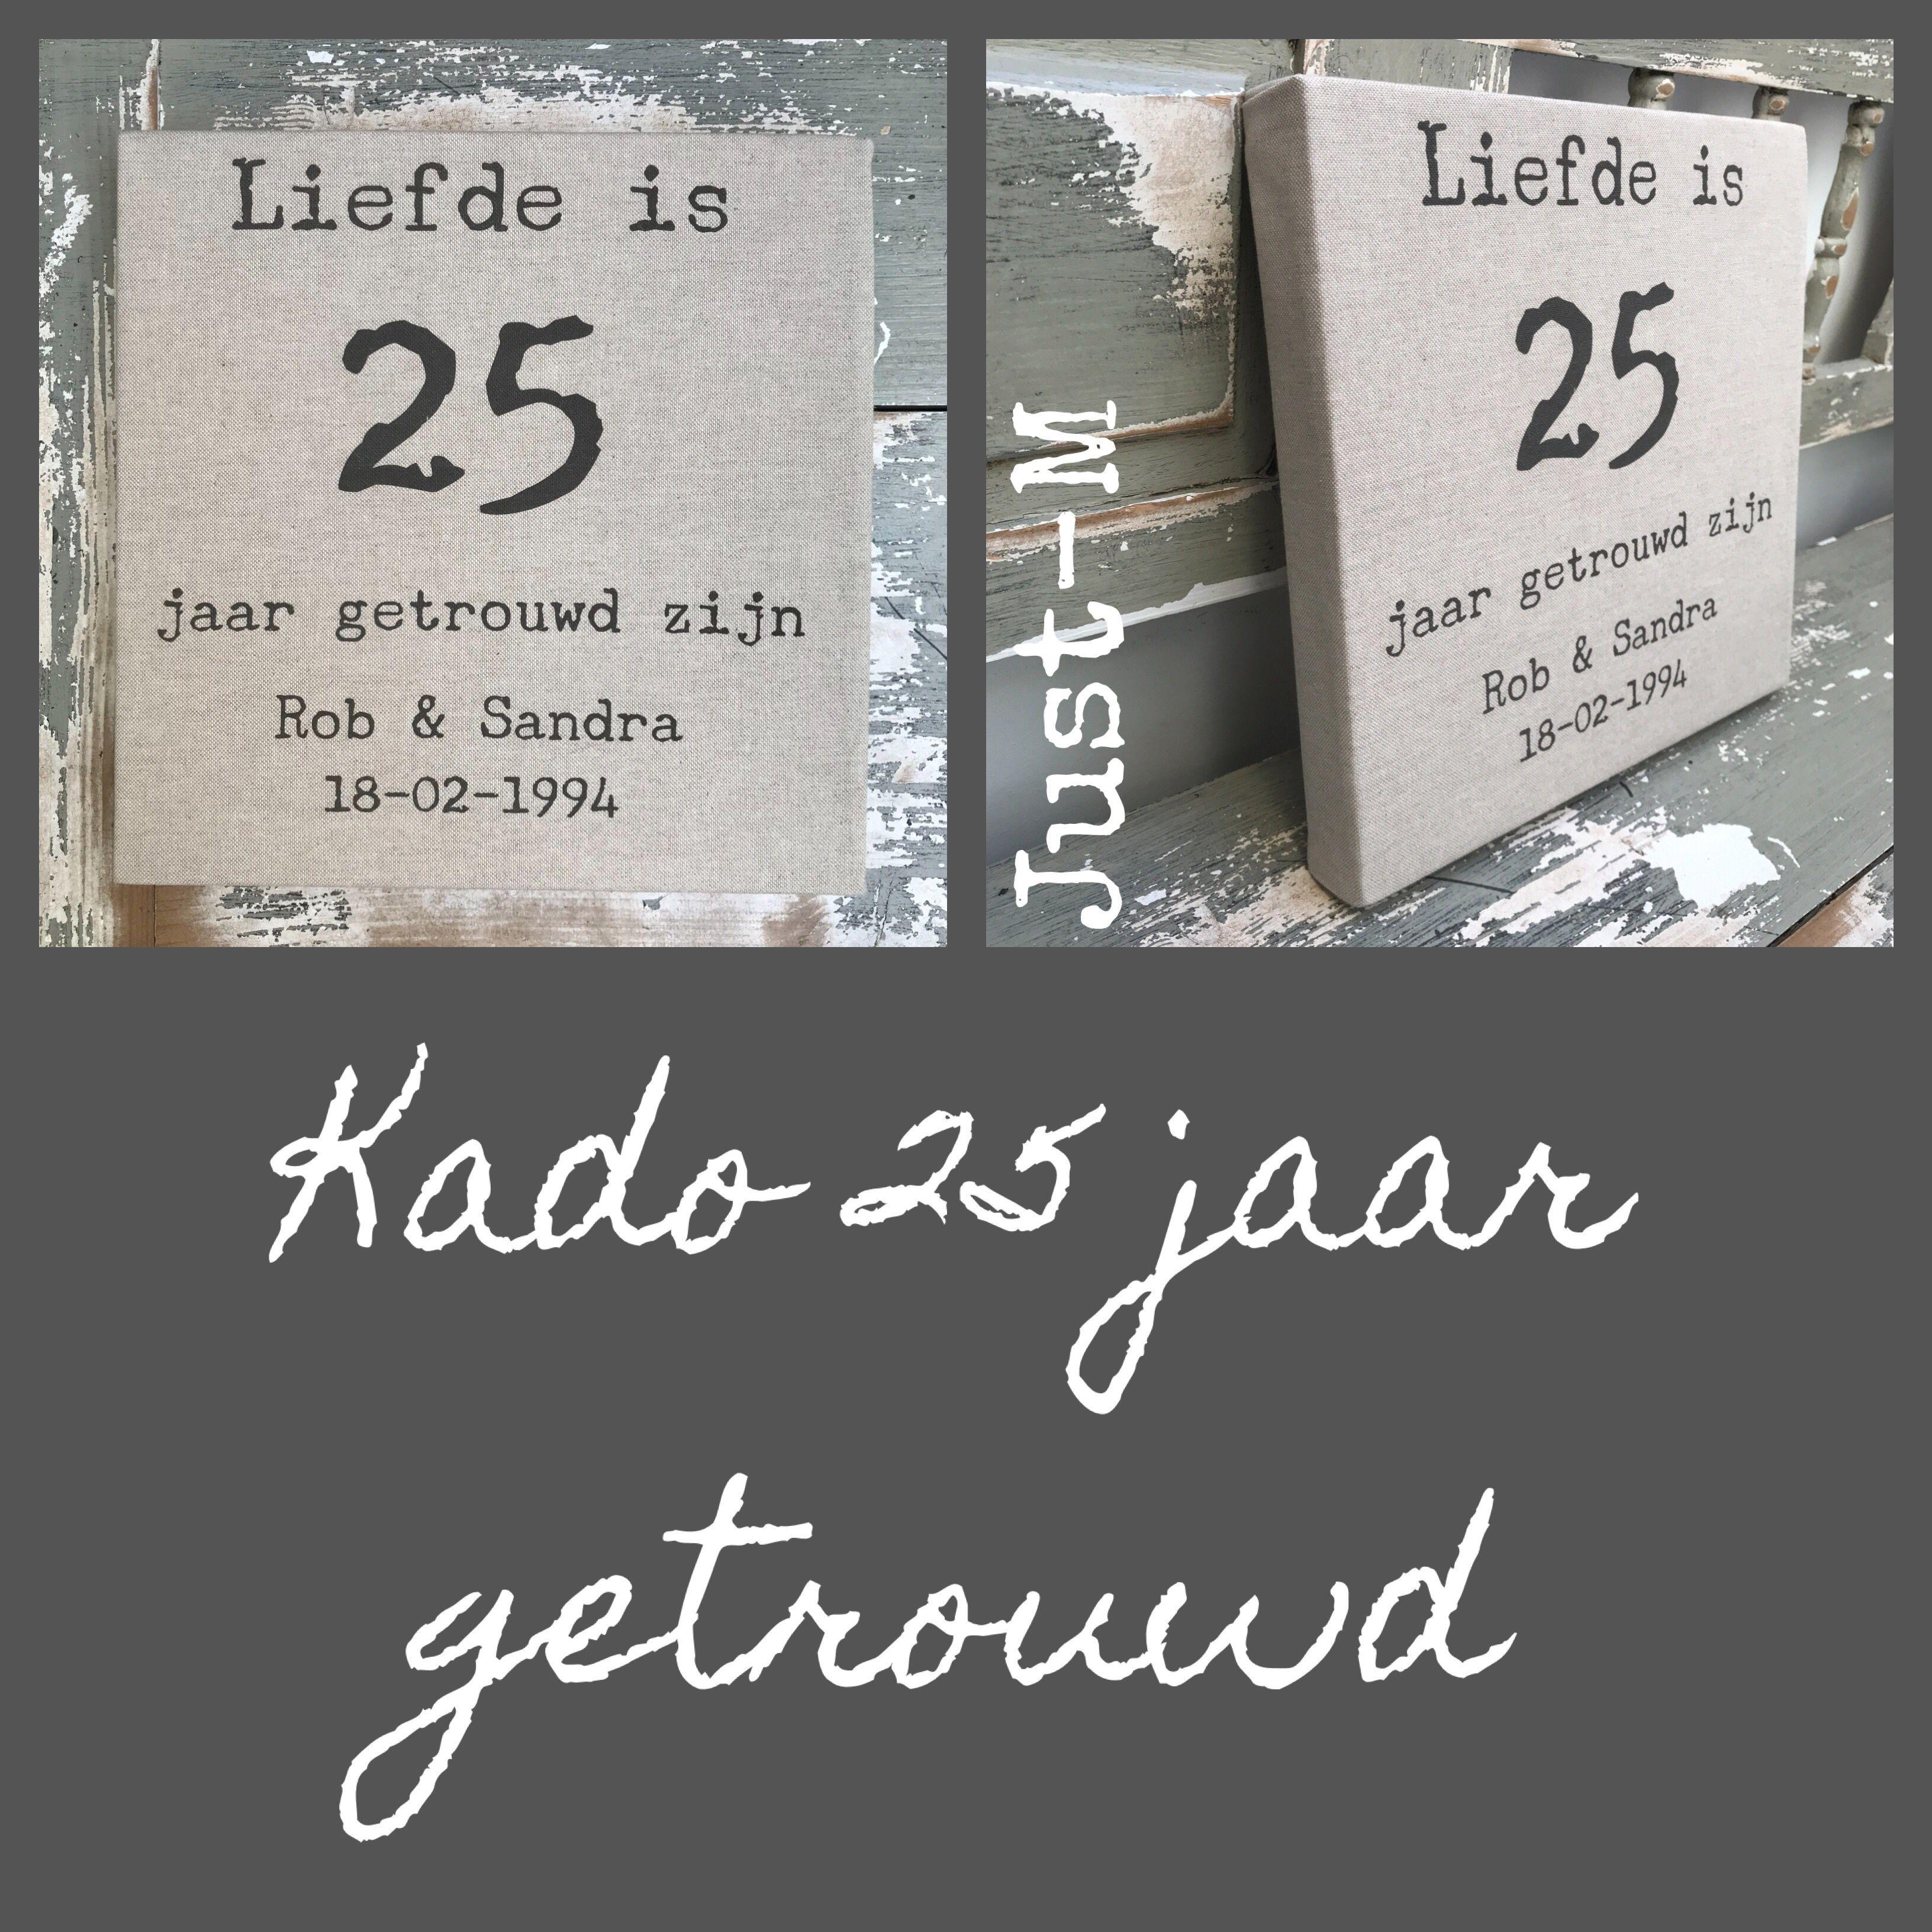 Kado Jubileum Canvasdoek Liefde Is 25 Jaar Getrouwd Zijn